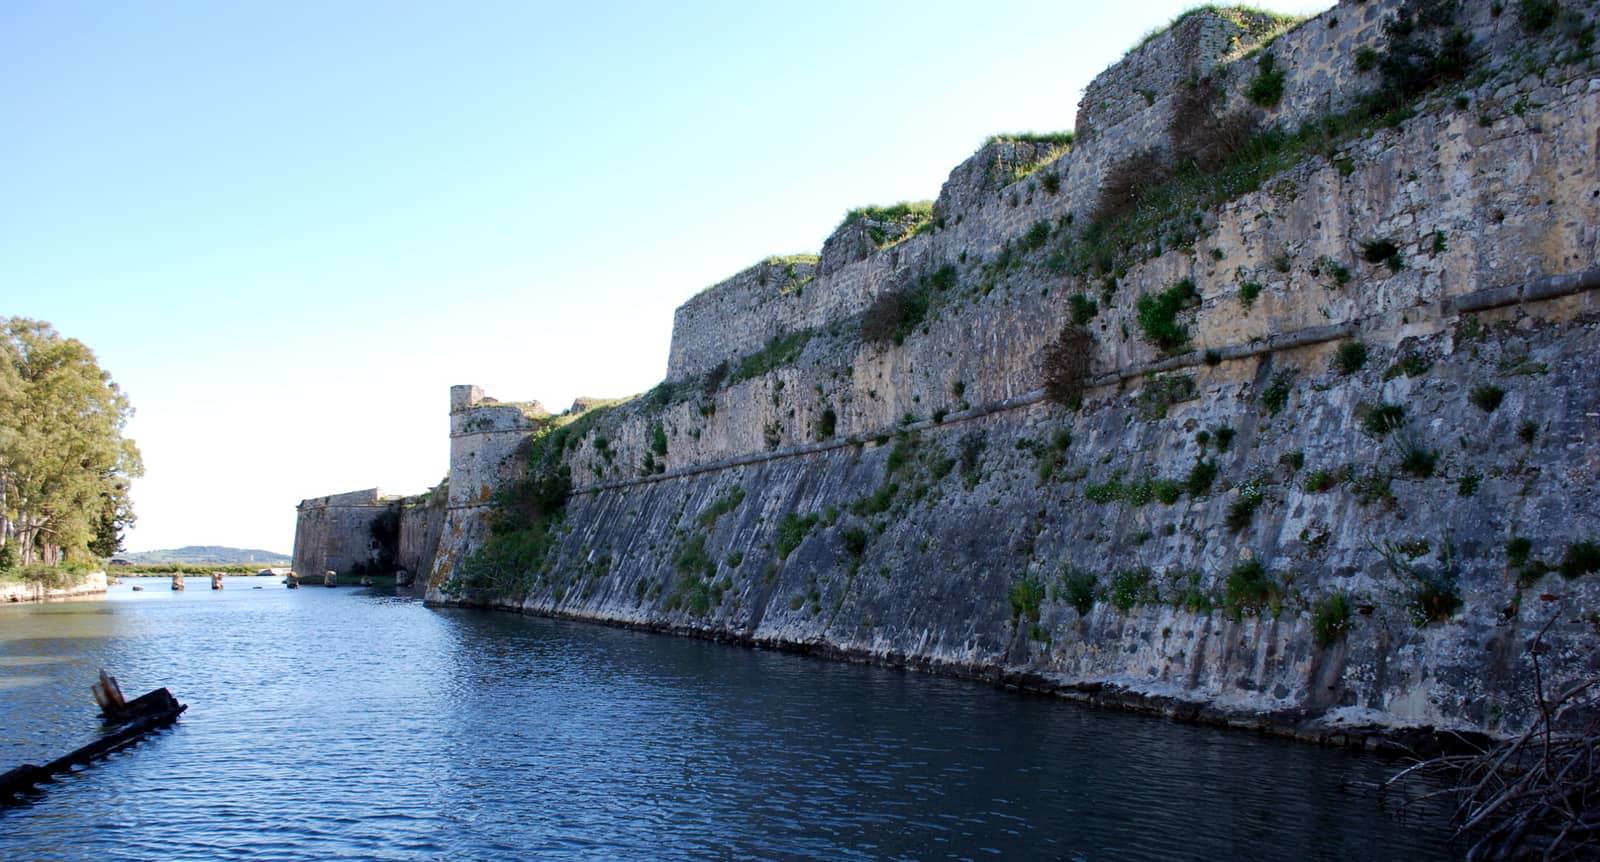 Agia_Mavra_Castle_Lefkada_Island_Holidays_Sailing_Sail2day